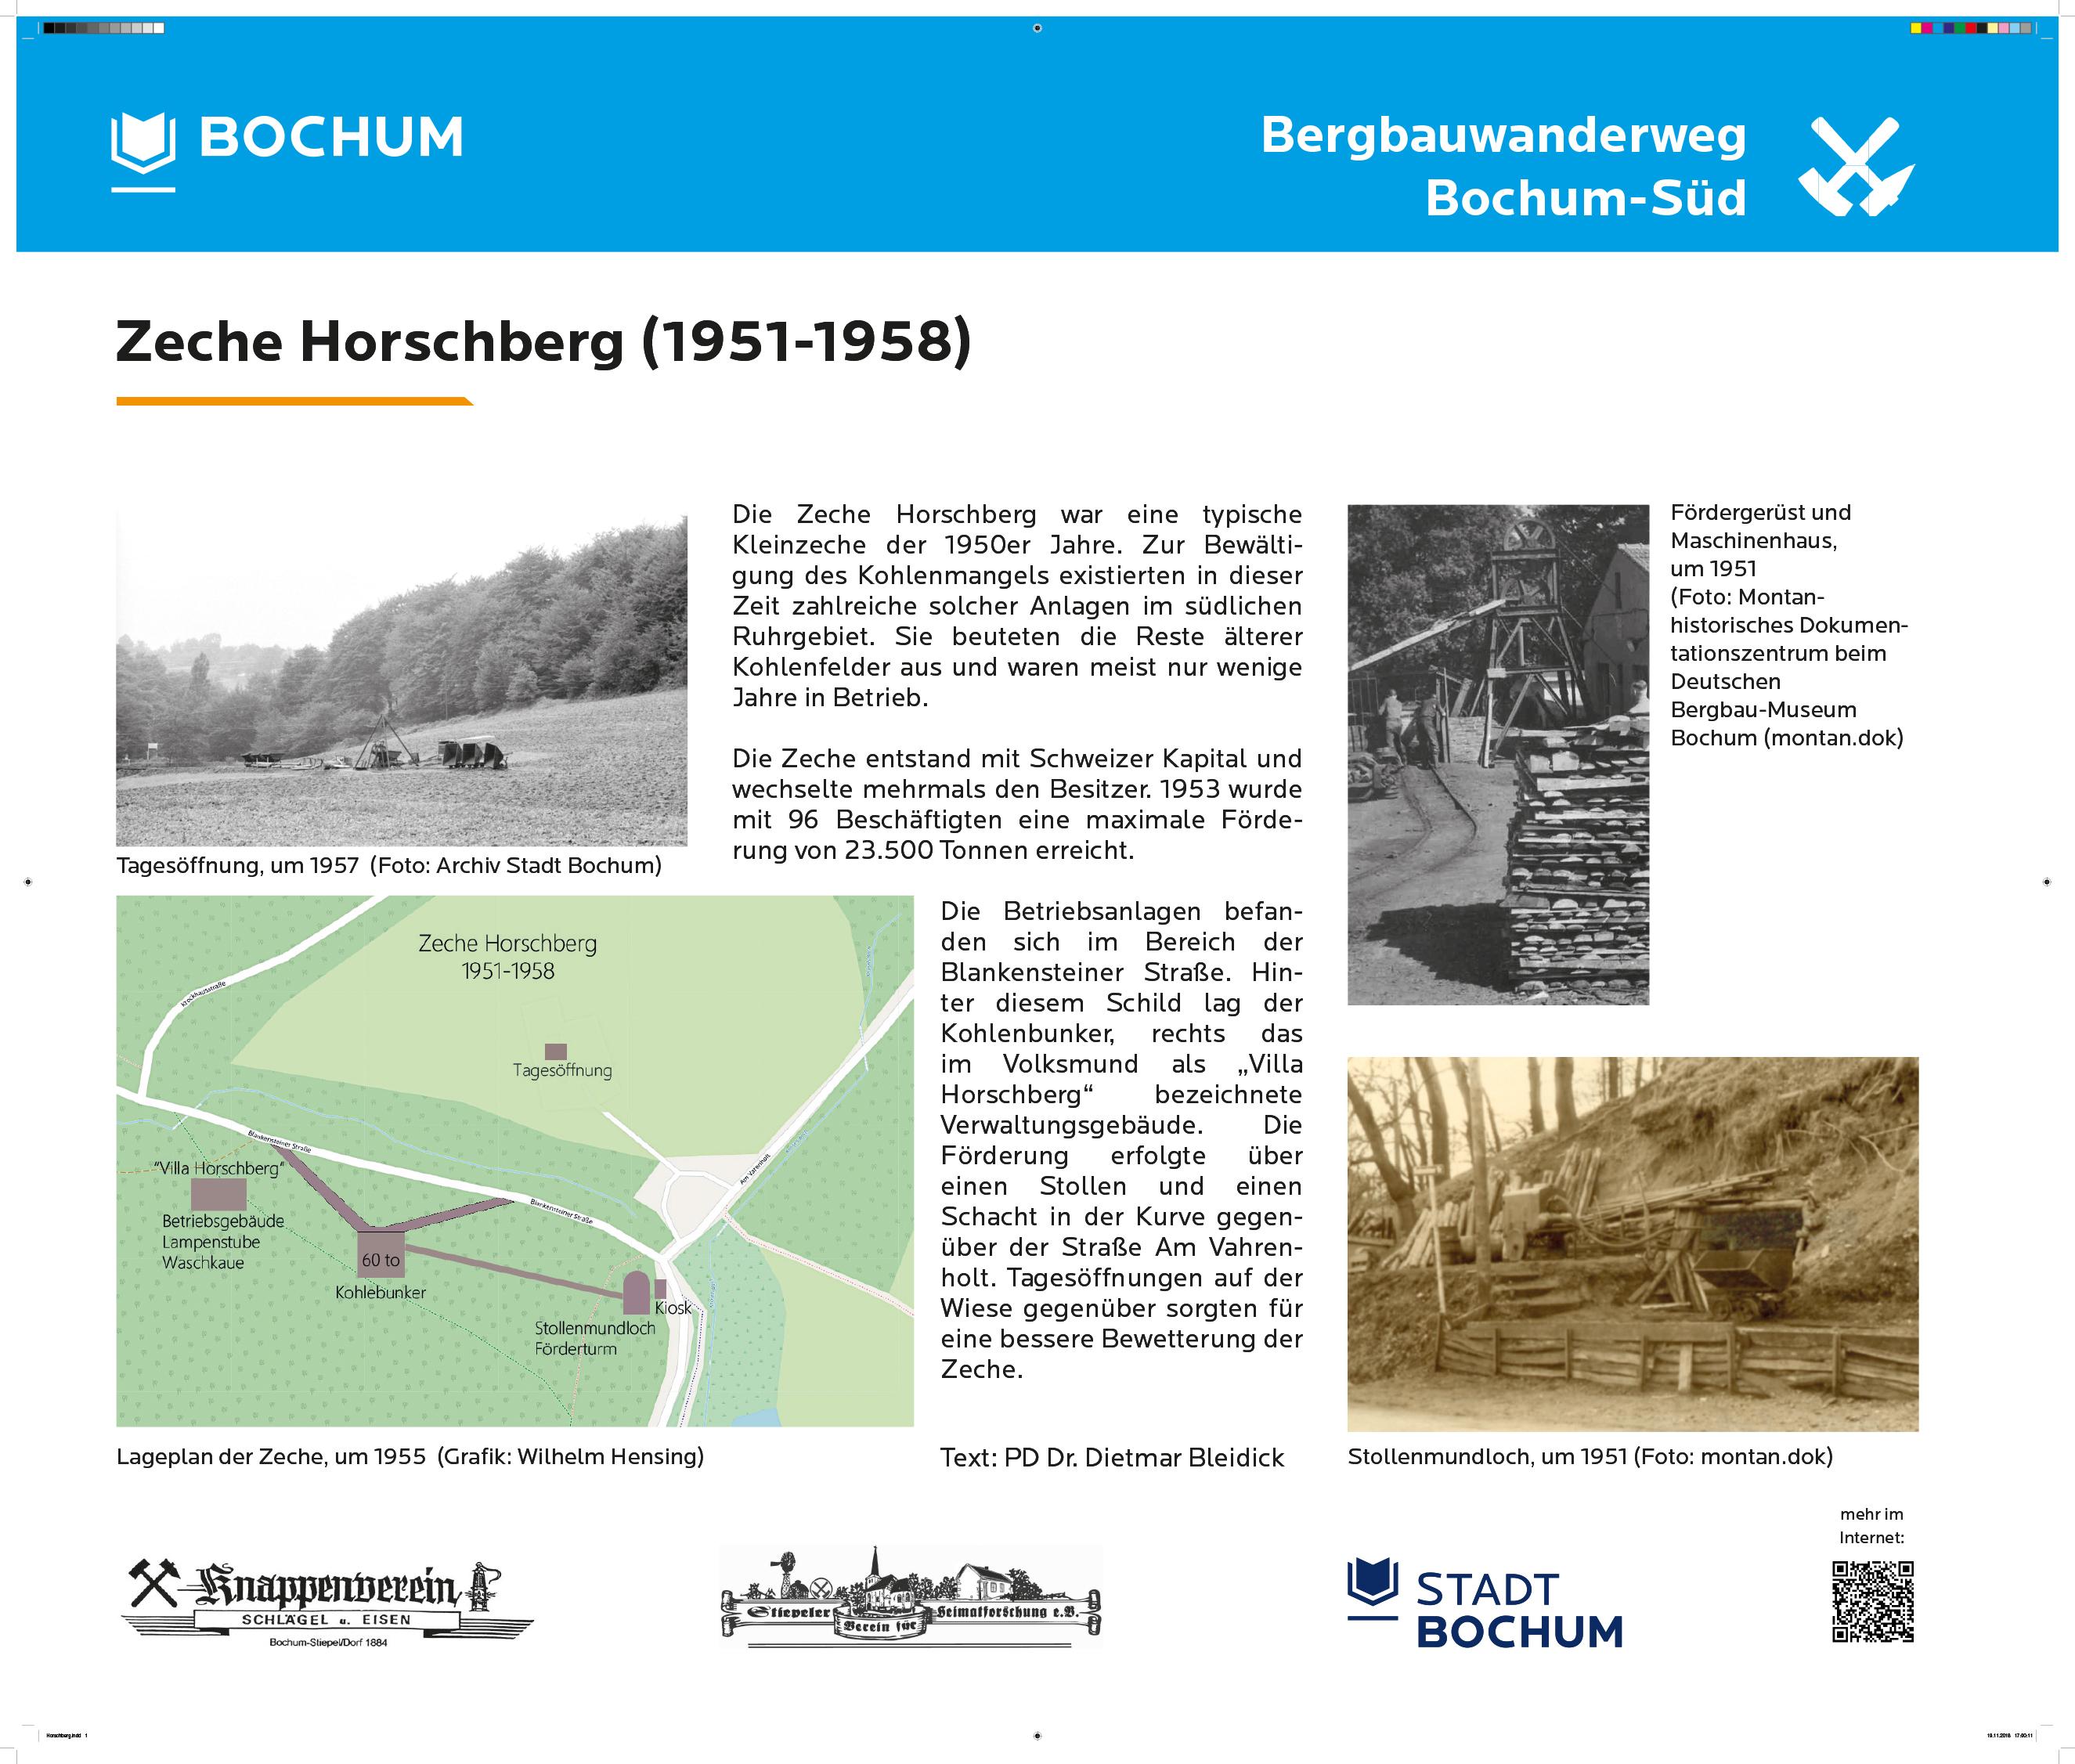 Horschberg